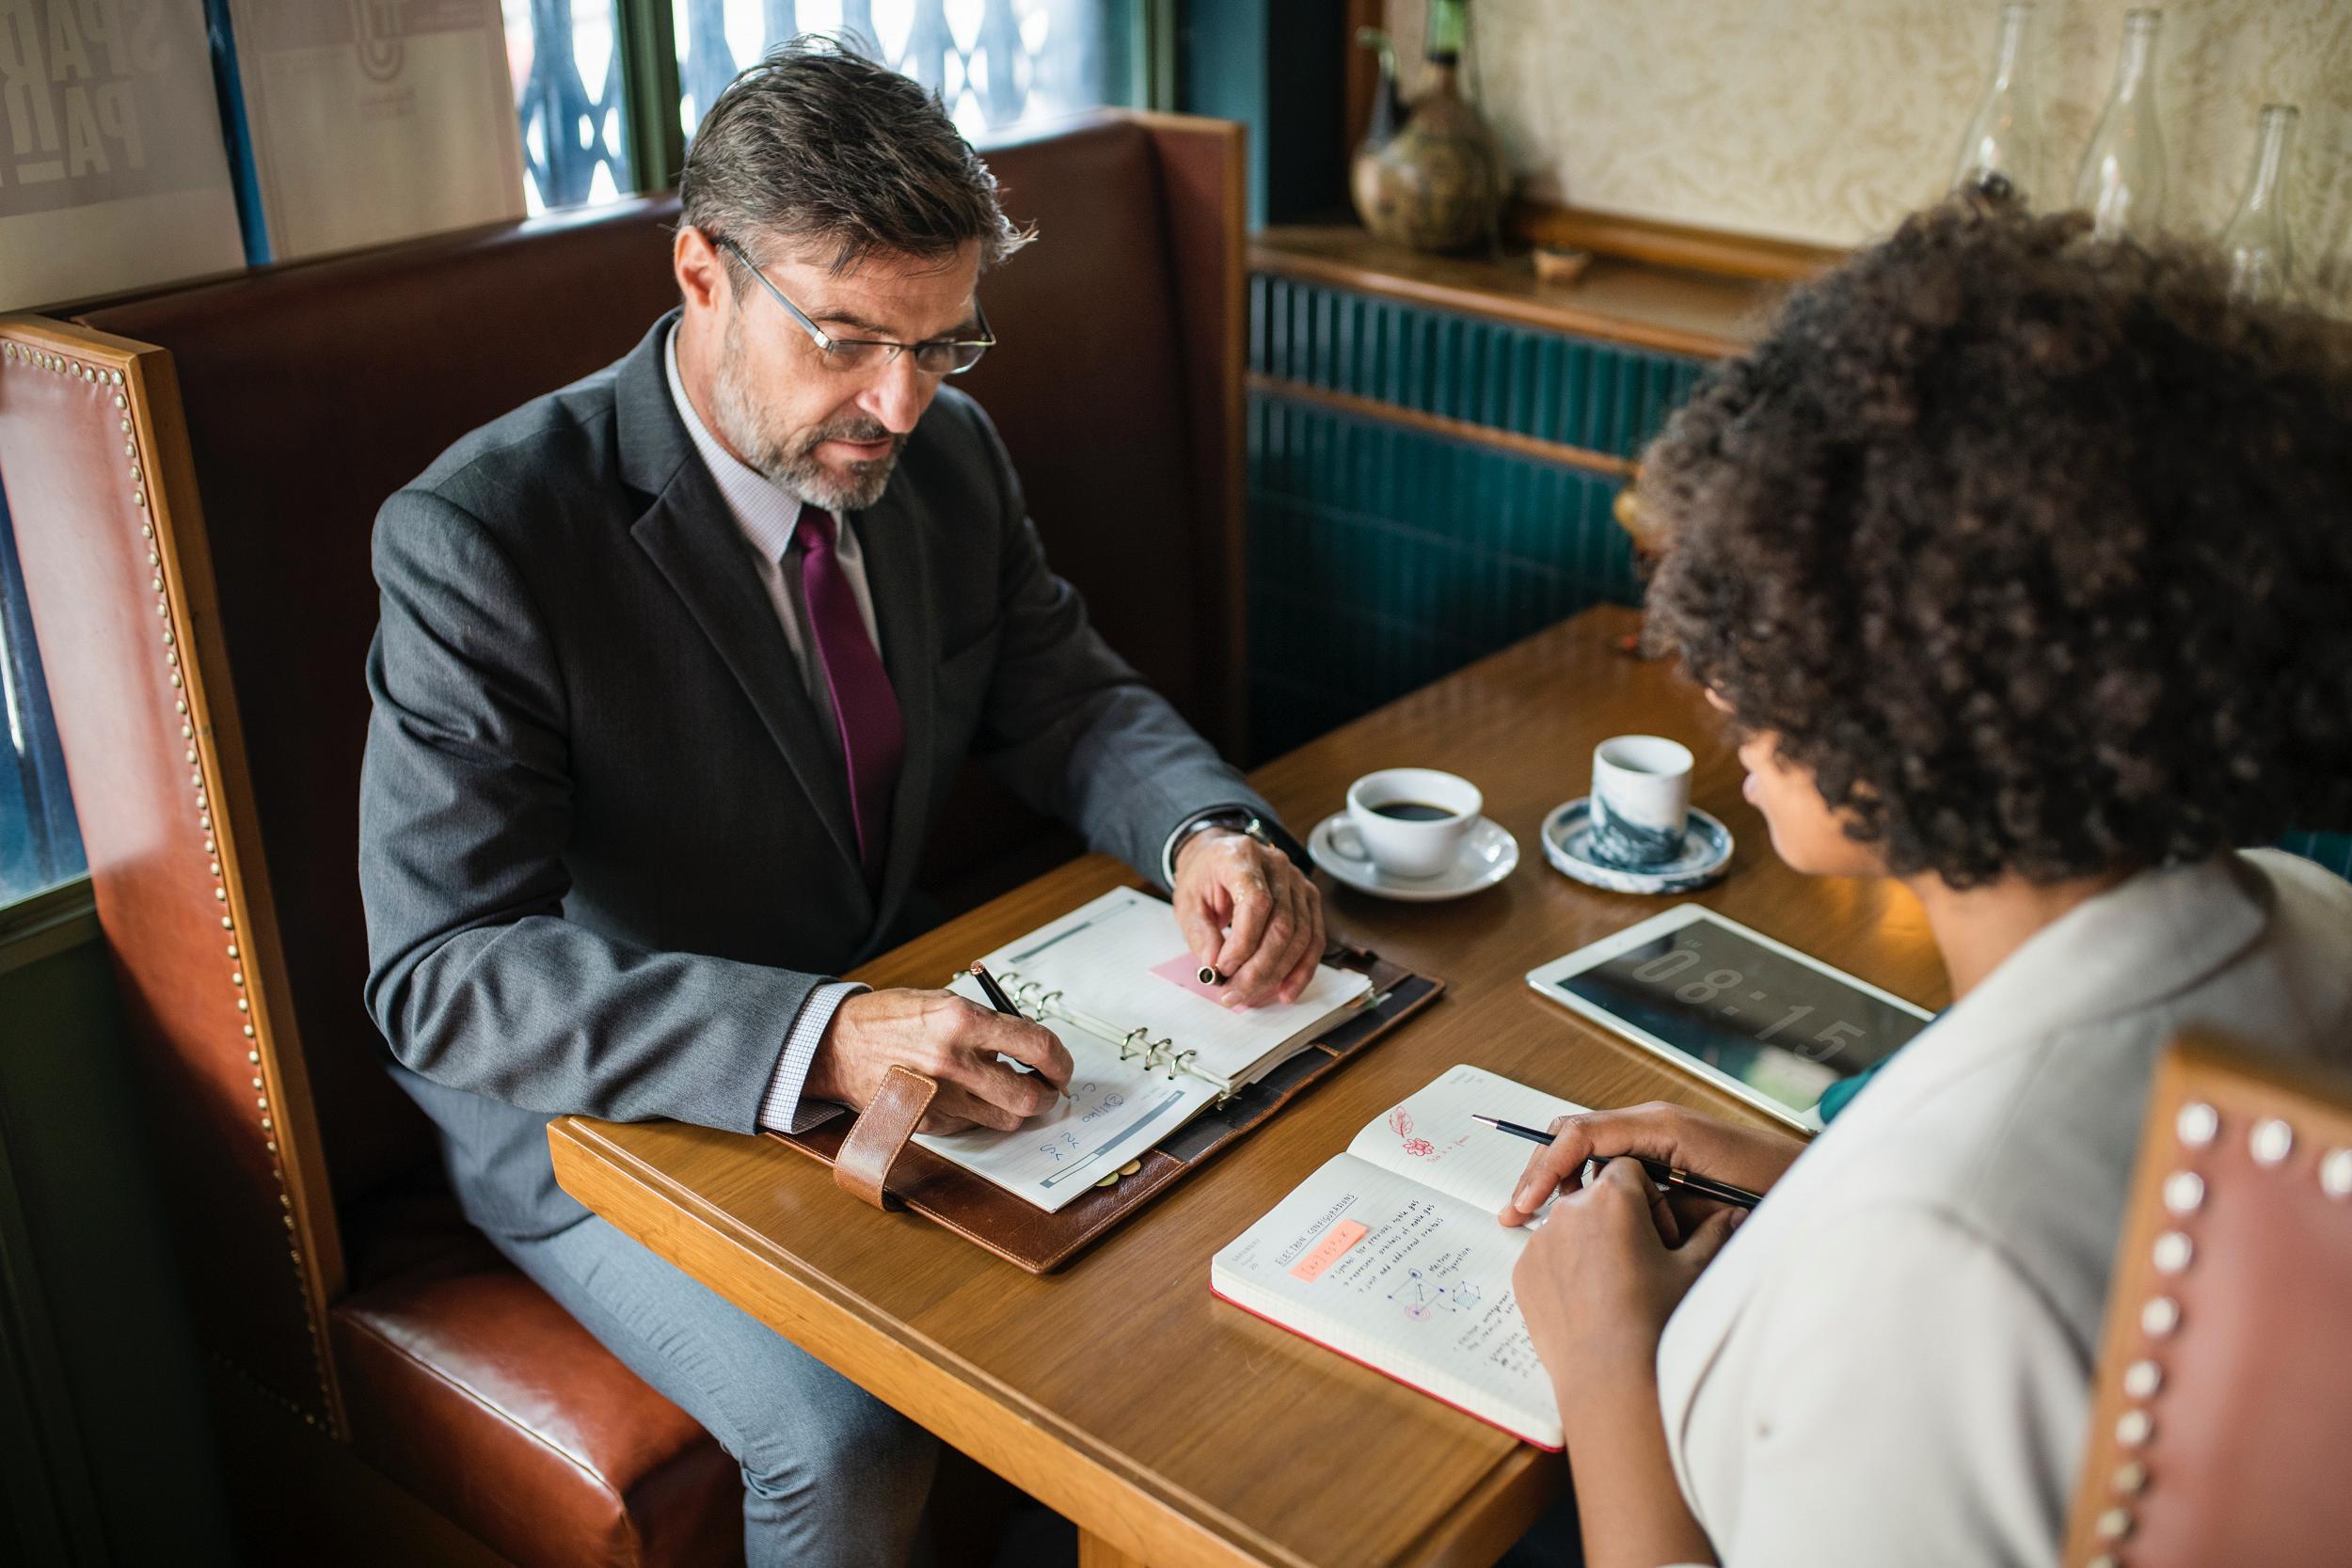 Mentoring - Ein Fitmacher für Gründer? | Companisto Blog